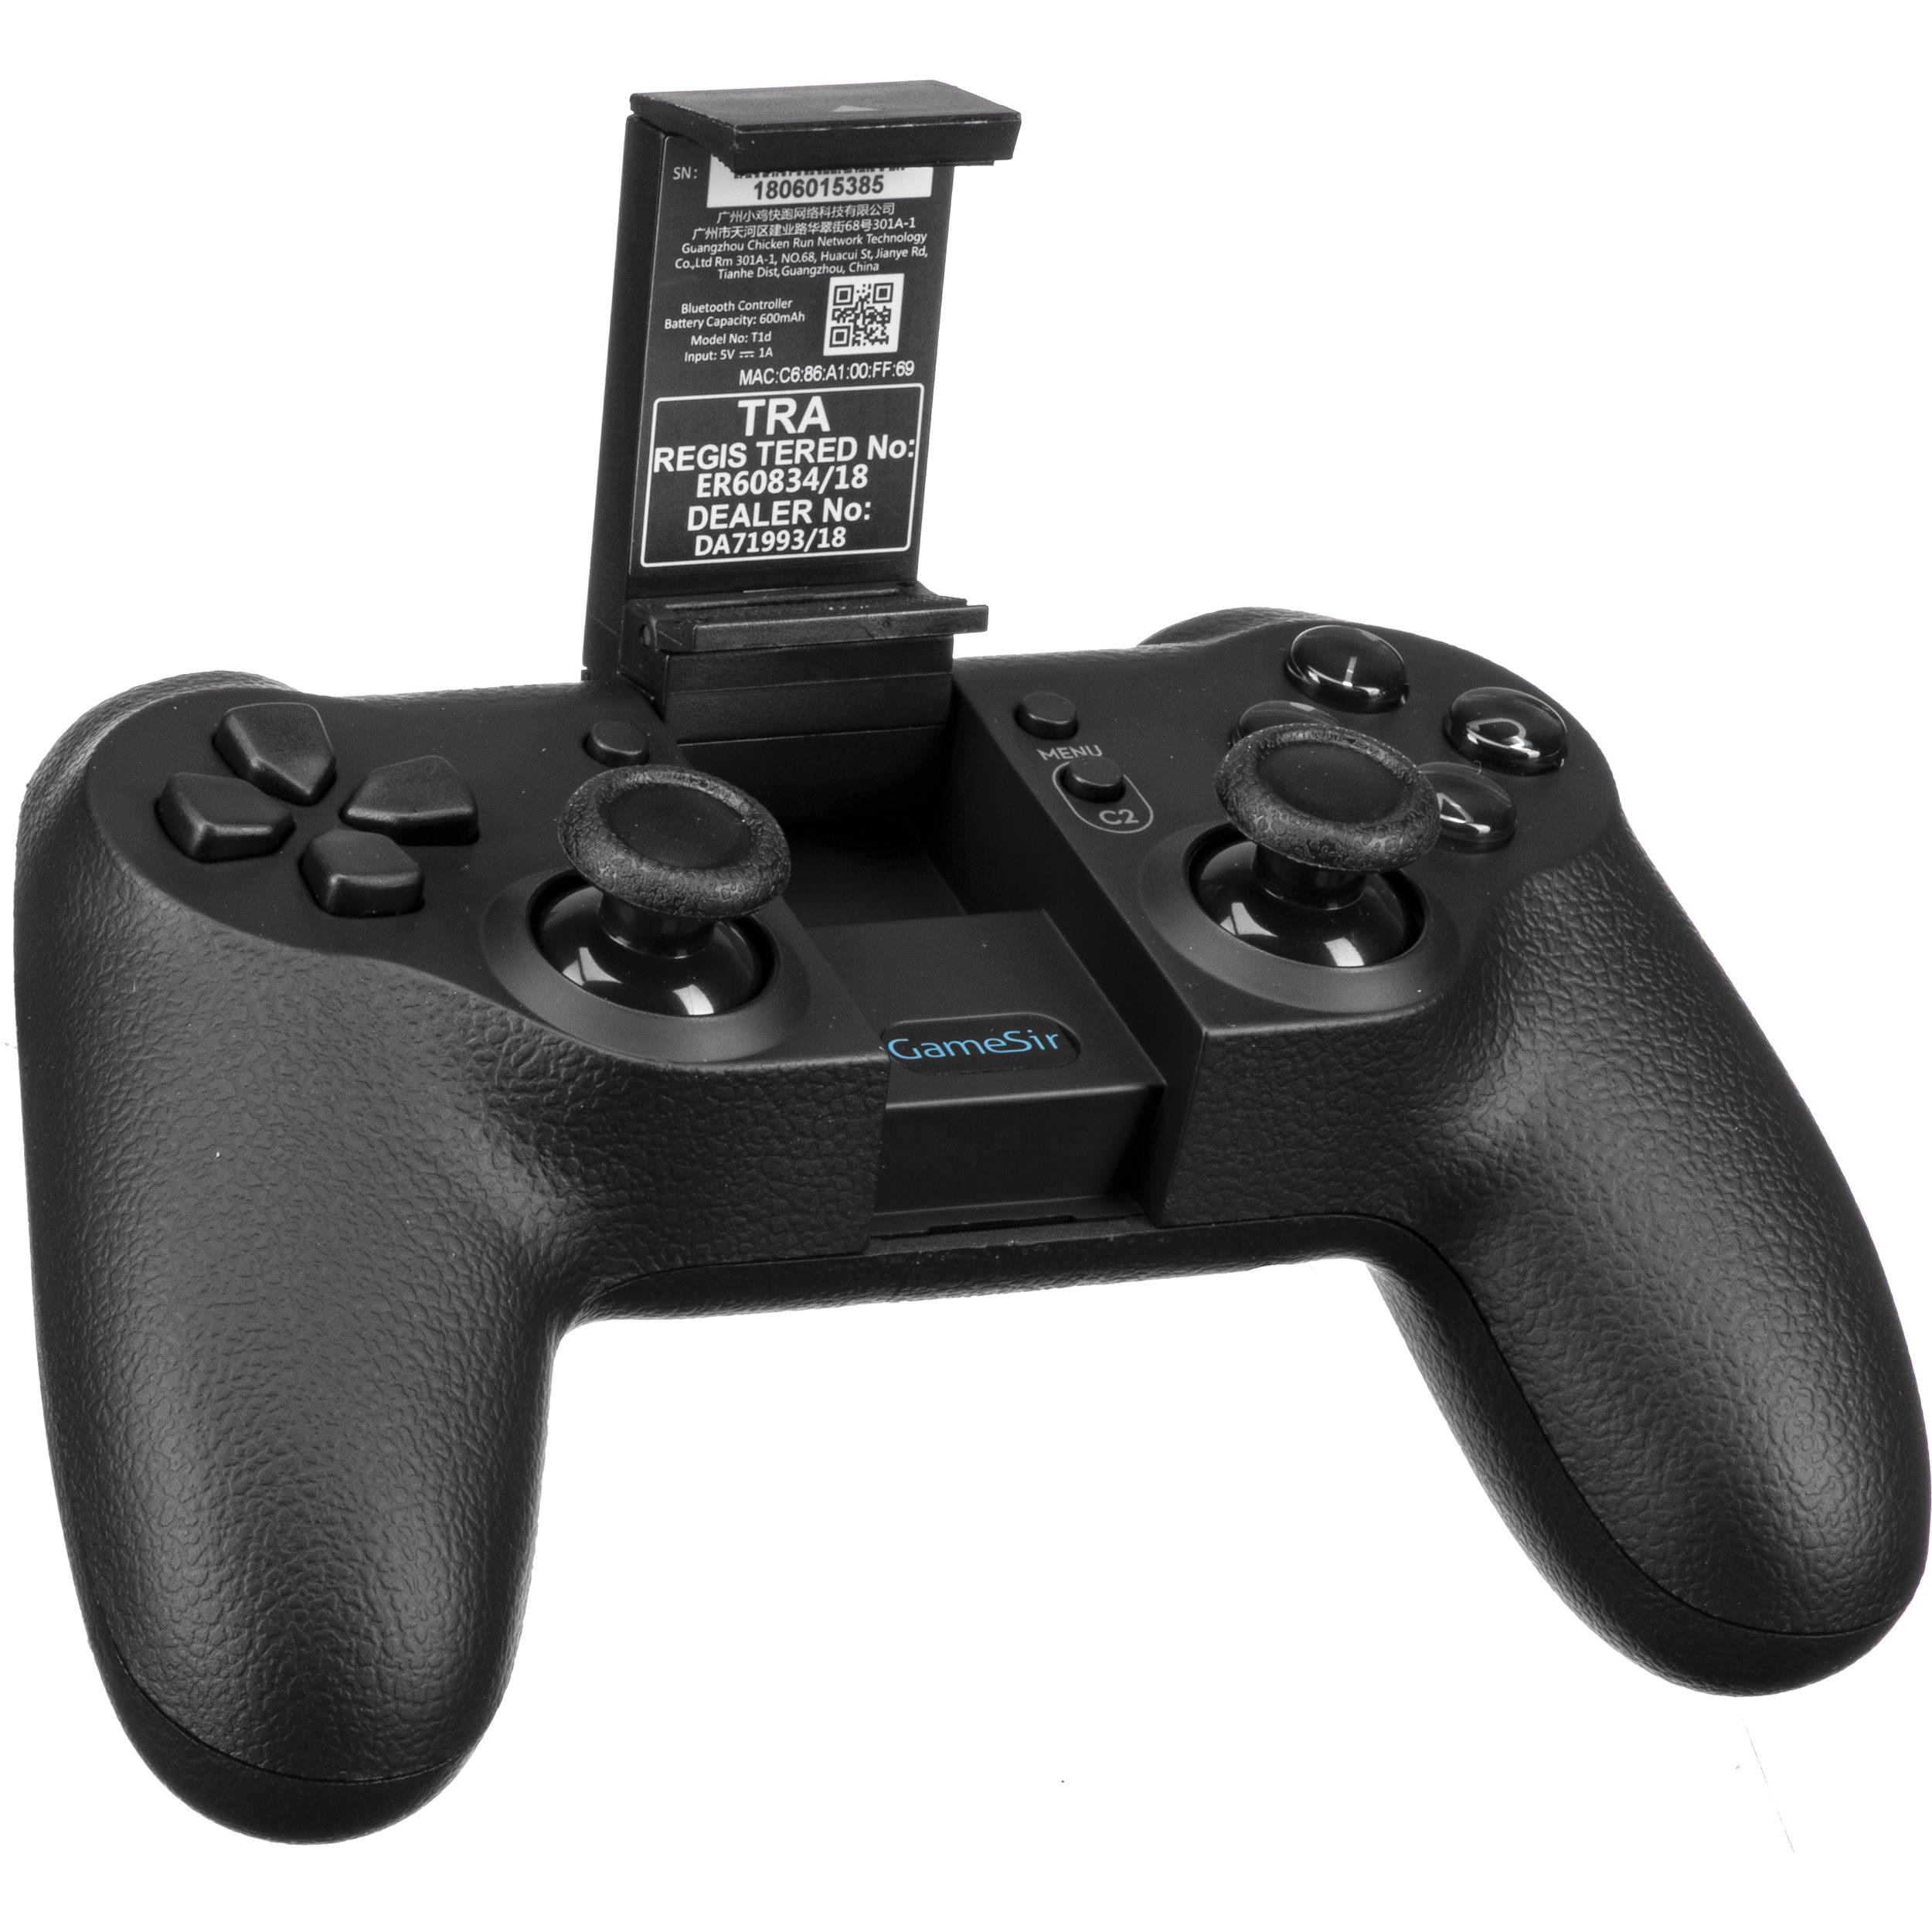 Ryze Tech GameSir T1d Controller